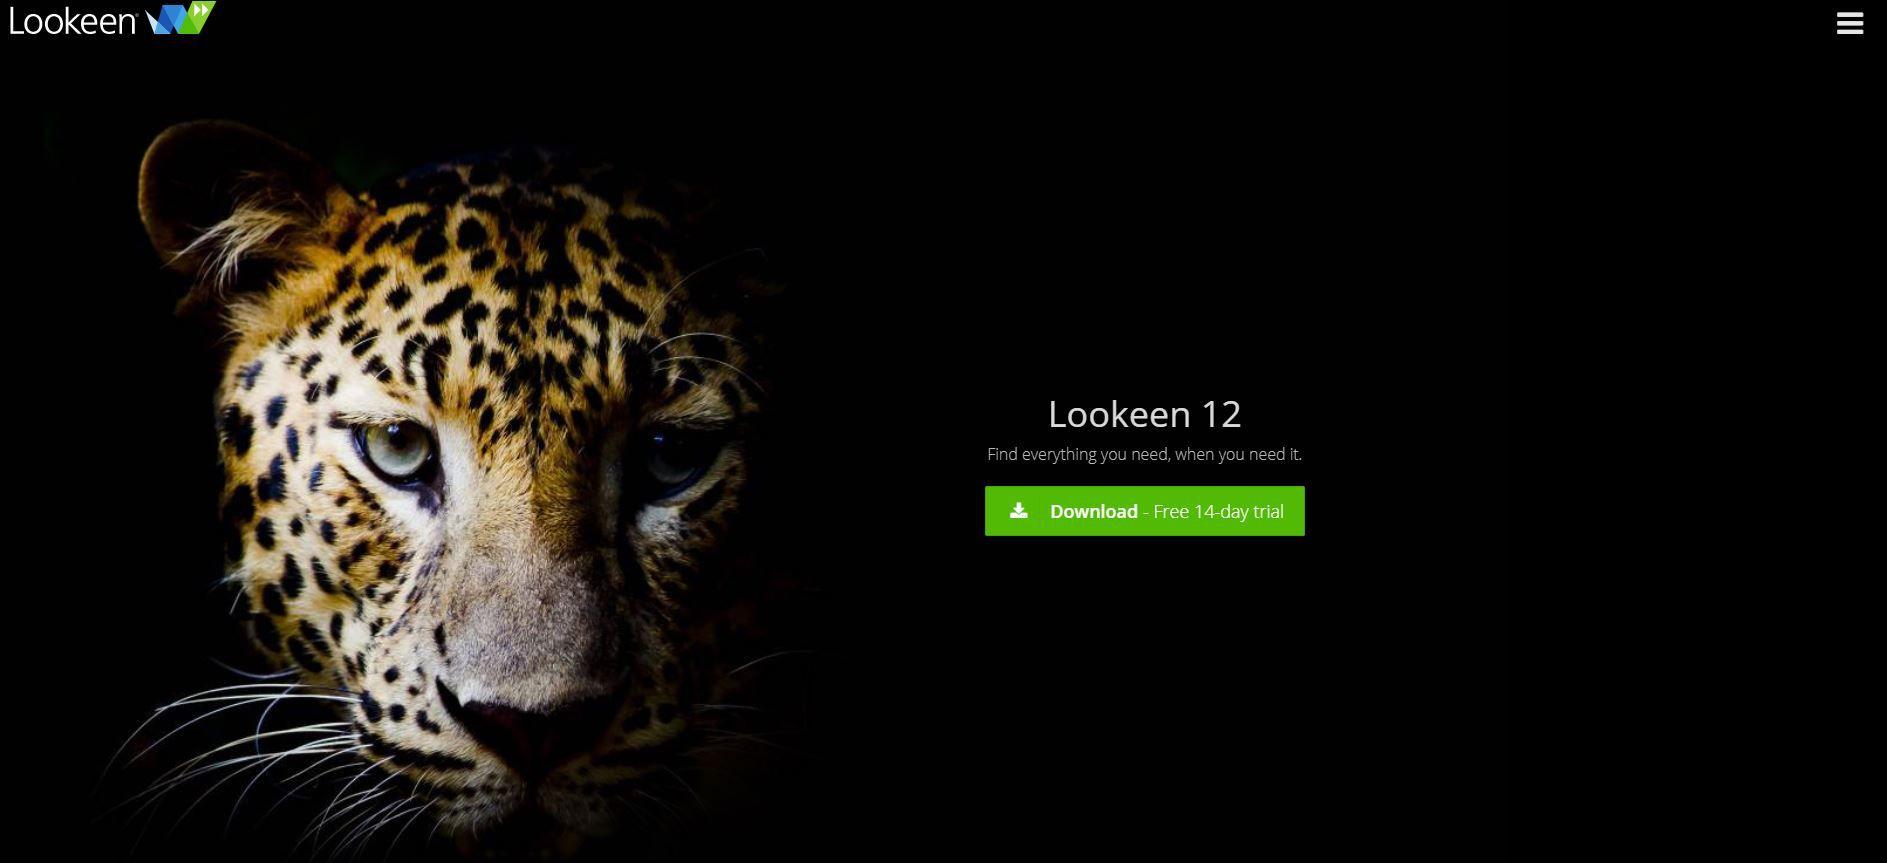 Screenshot of Lookeen website